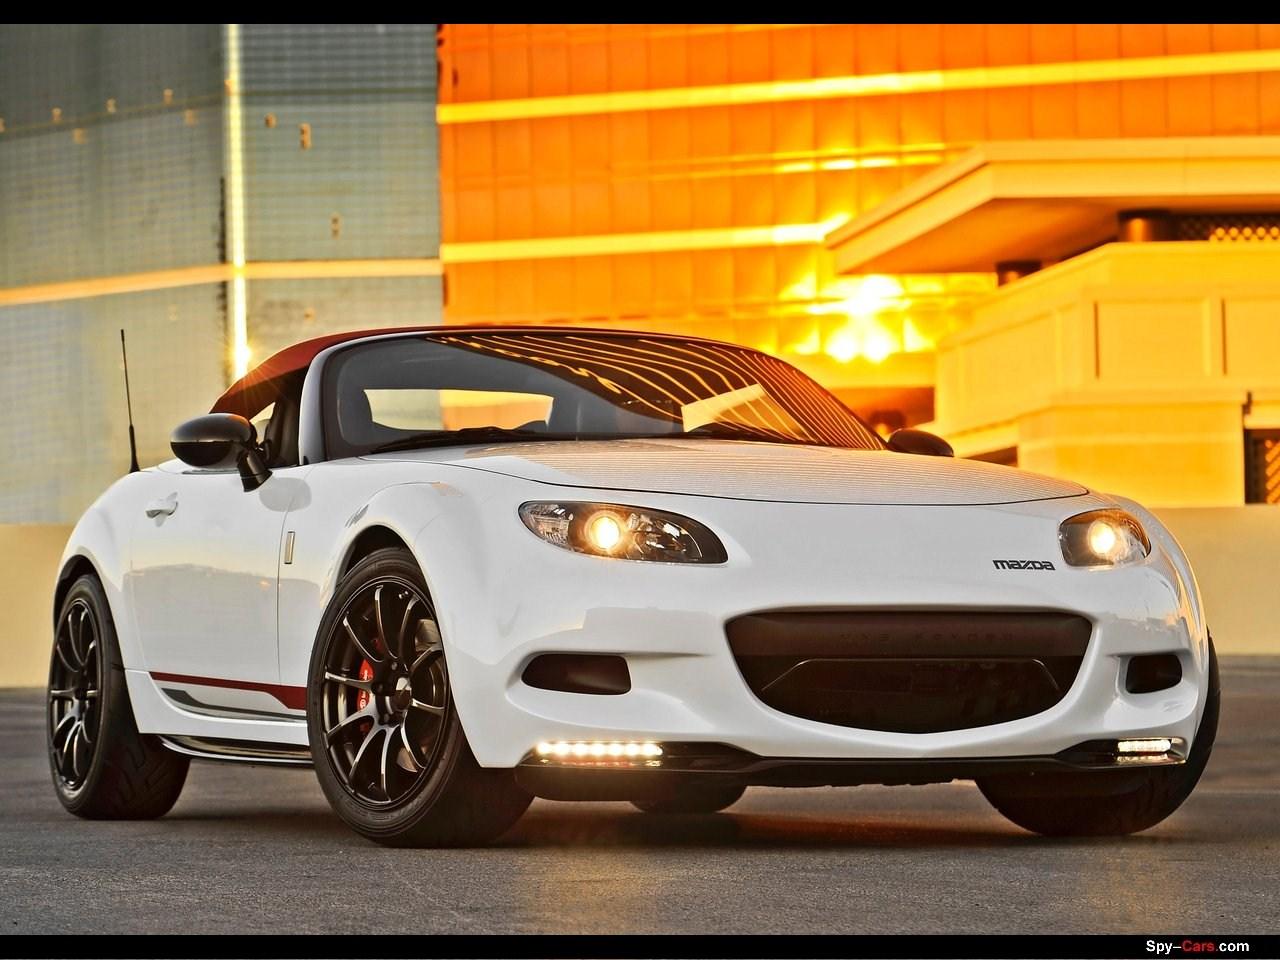 2011 Mazda MX-5 Spyder Concept | Mazda Cars